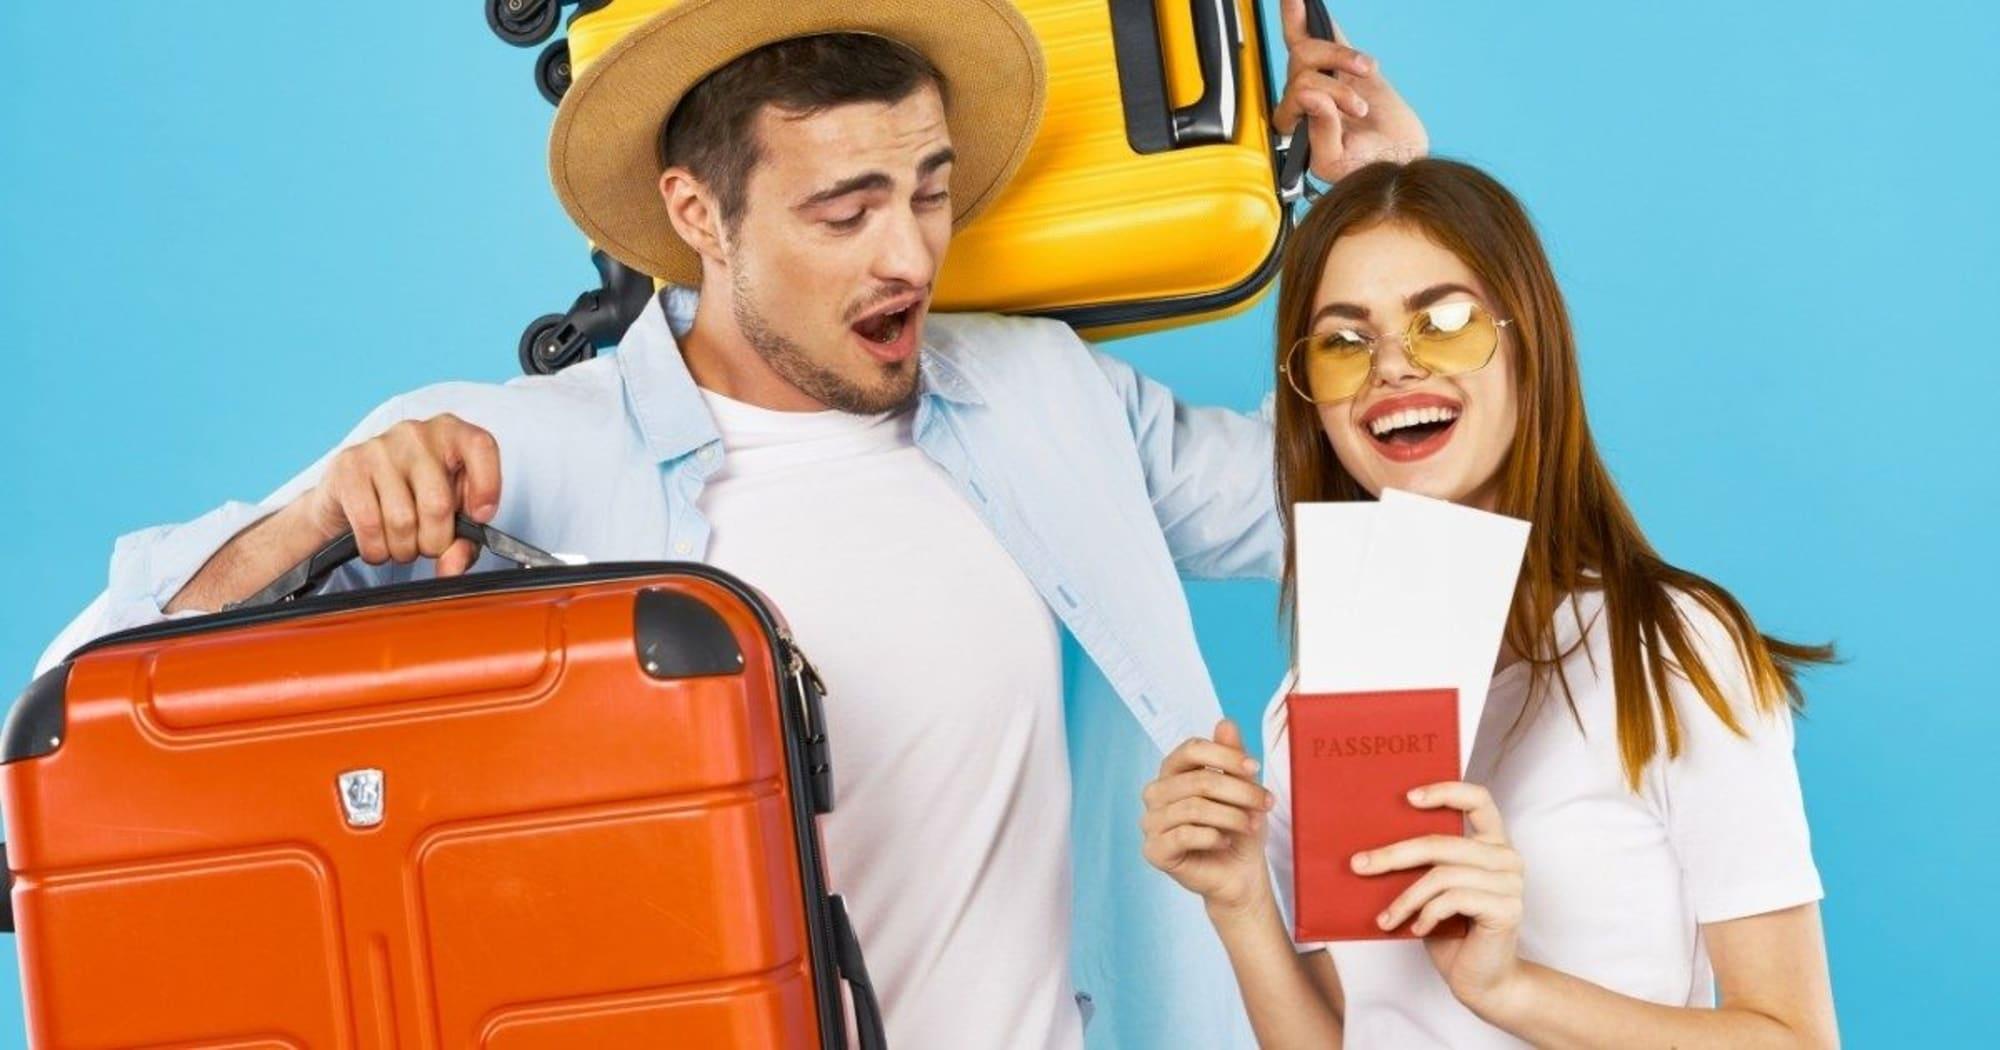 Reopen tourist destinations DOT ask LGUs